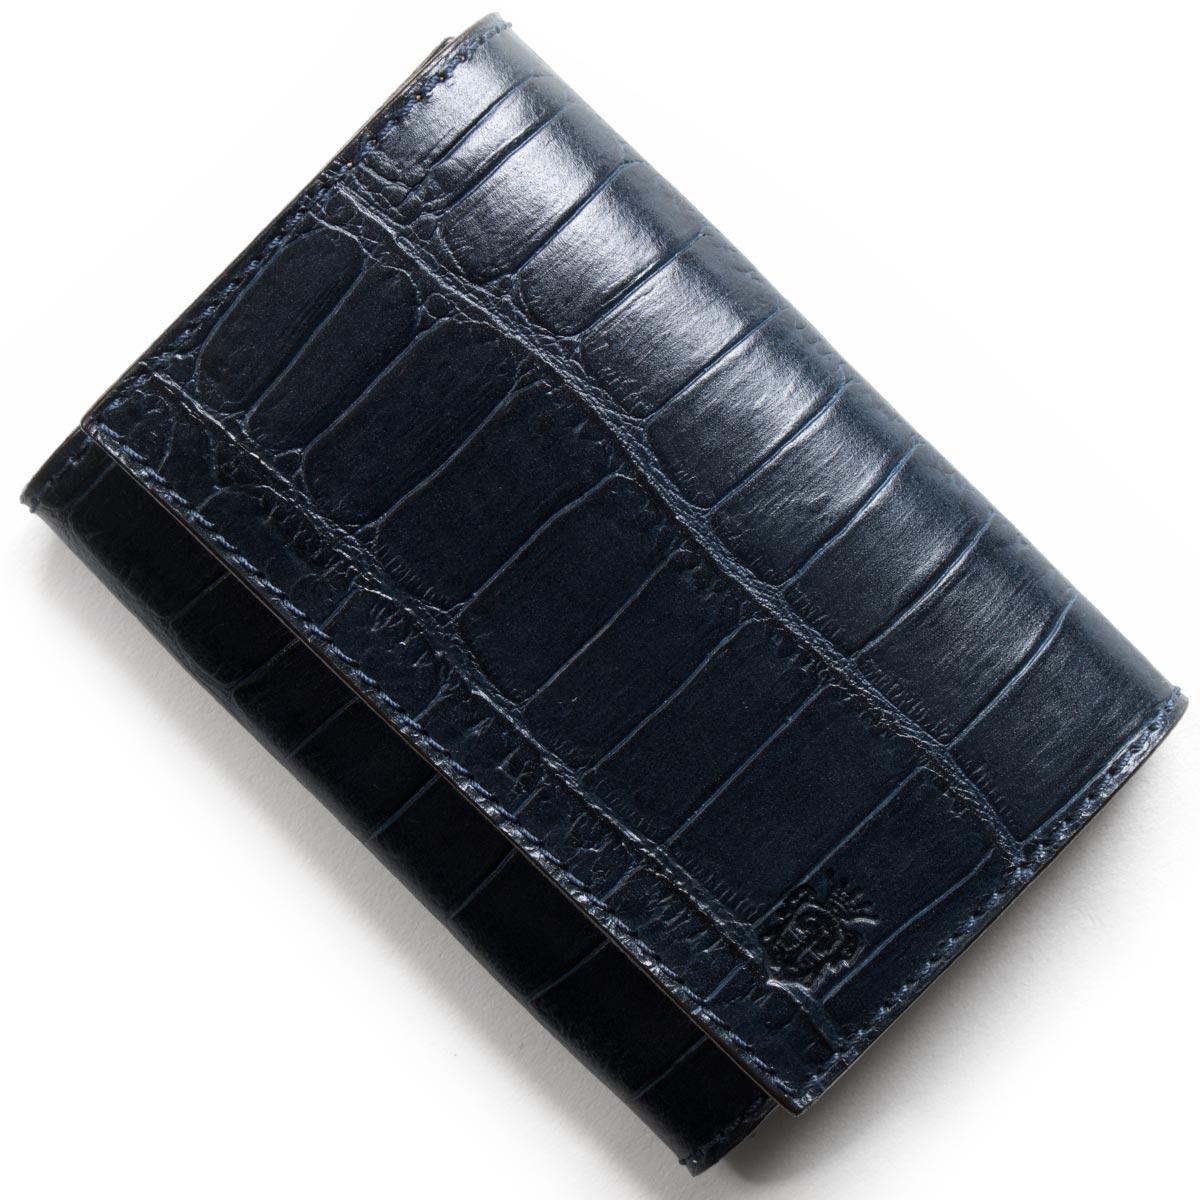 フェリージ カードケース メンズ レディース ネイビーブルー 450 SA 0005 FELISI